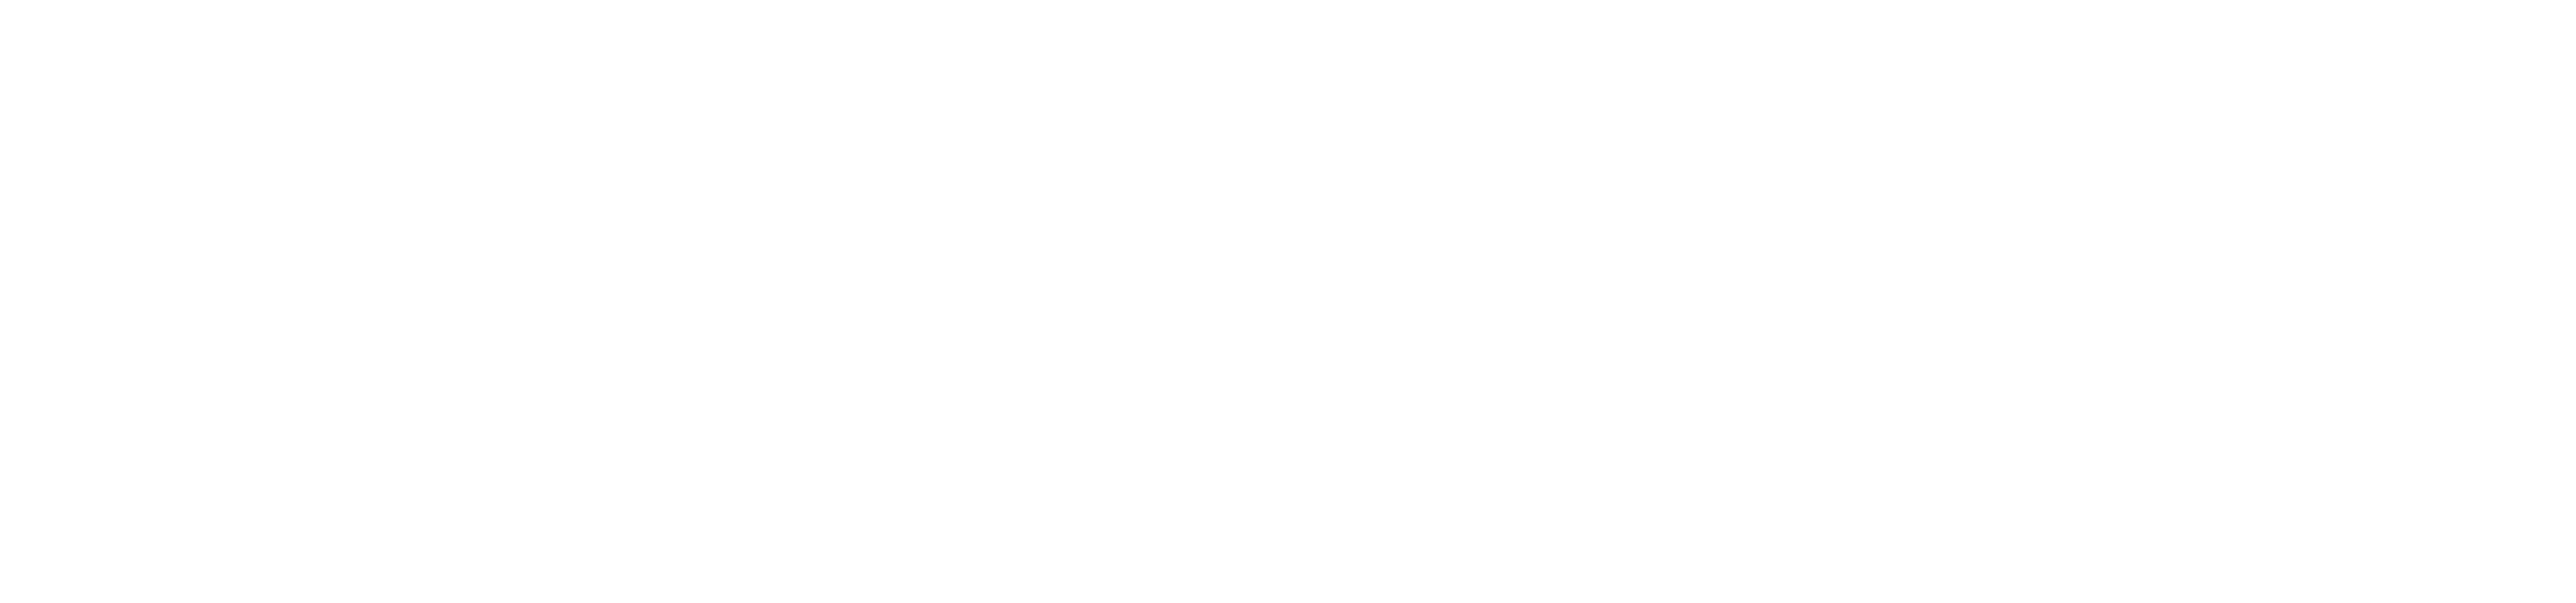 Стандарт Профподготовки Барановичи